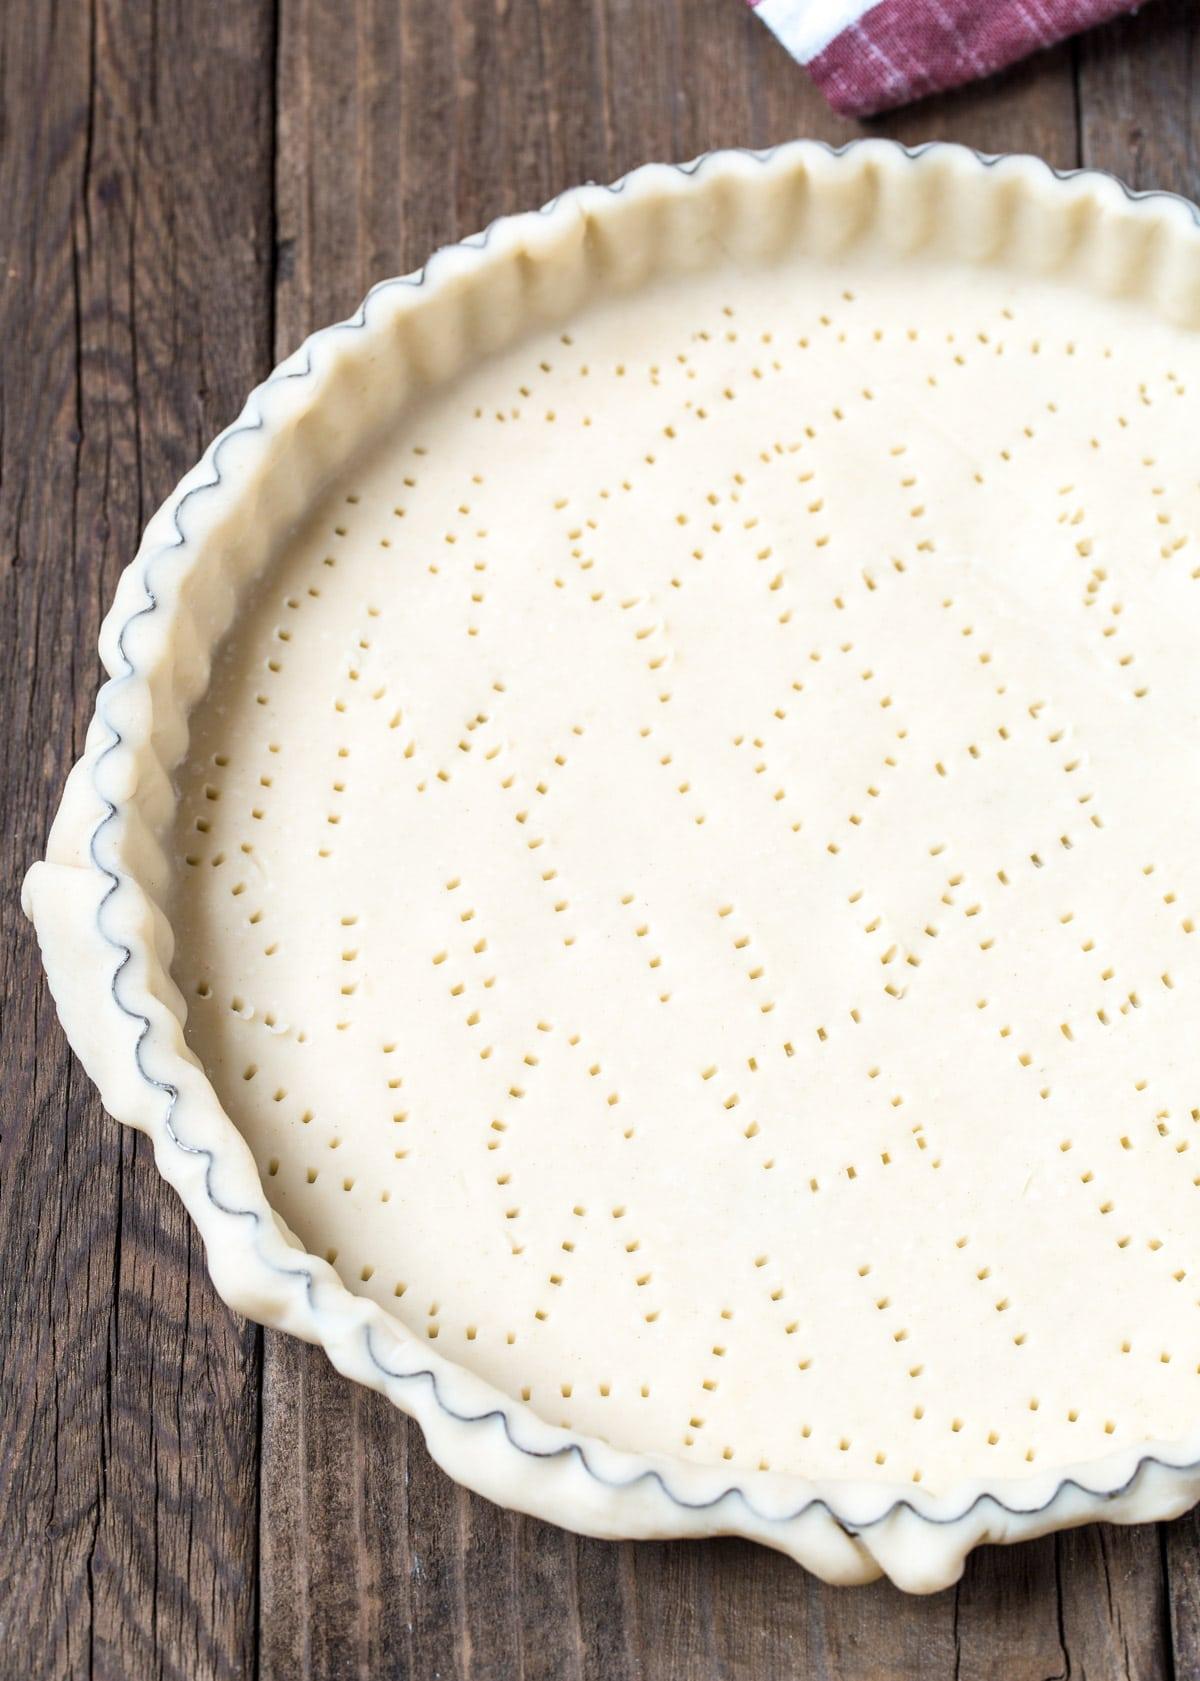 How To Make Pomegranate Cream Tart Recipe #ASpicyPerspective #holiday #pomegranaterecipe